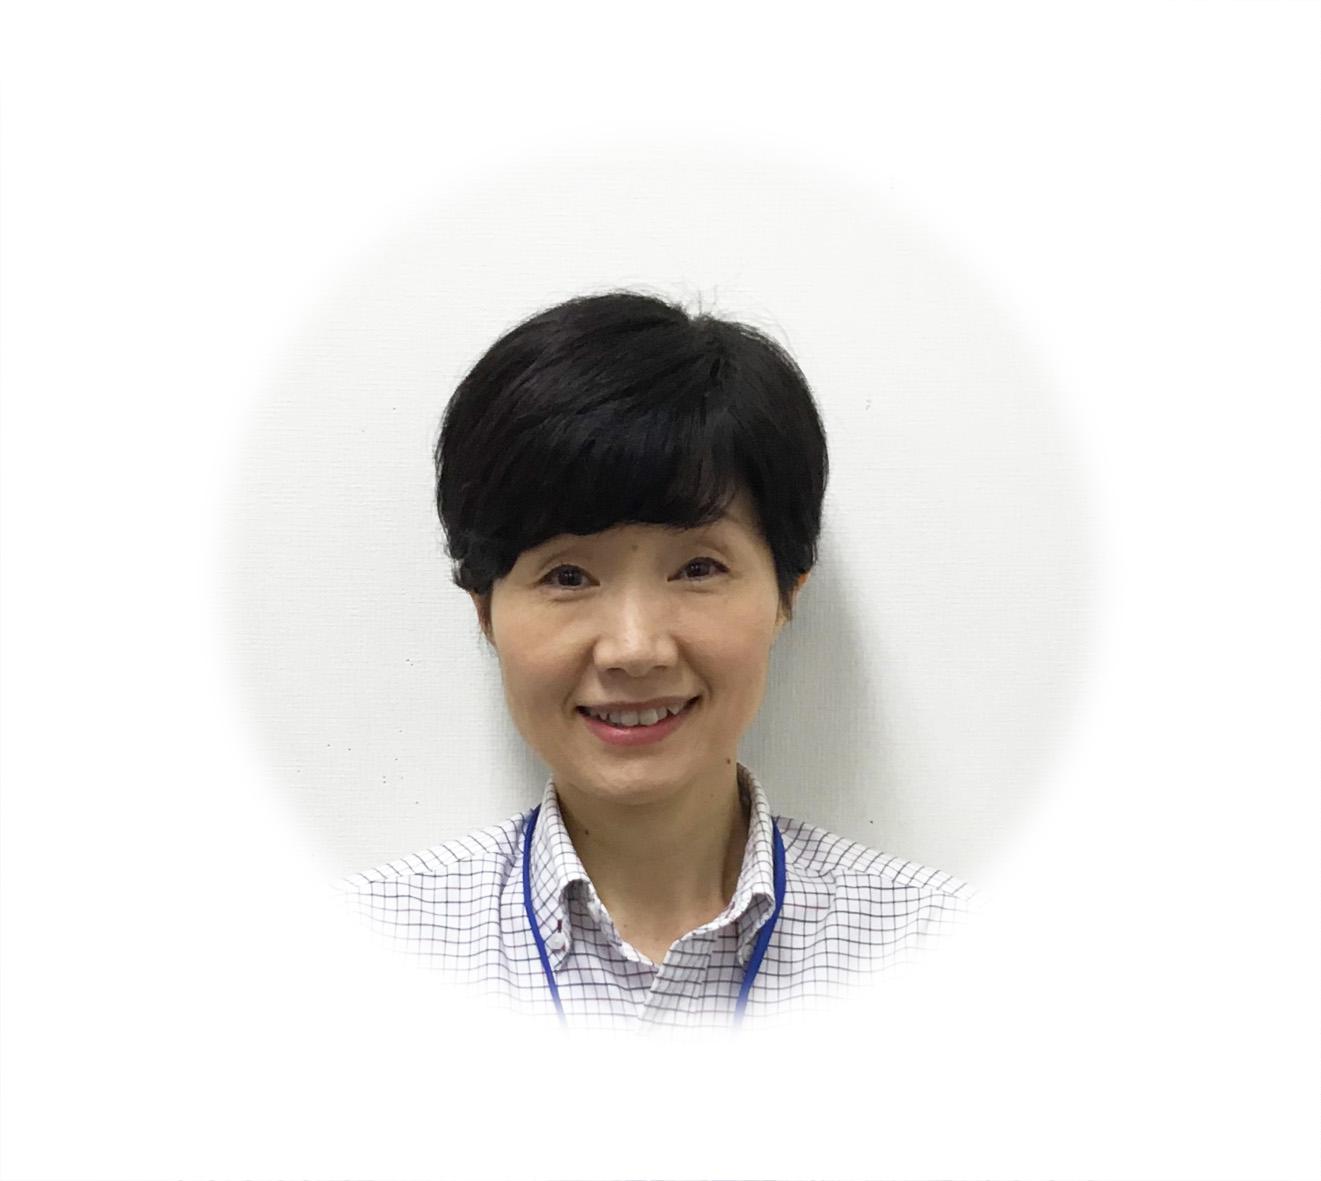 箕嶋生活相談員